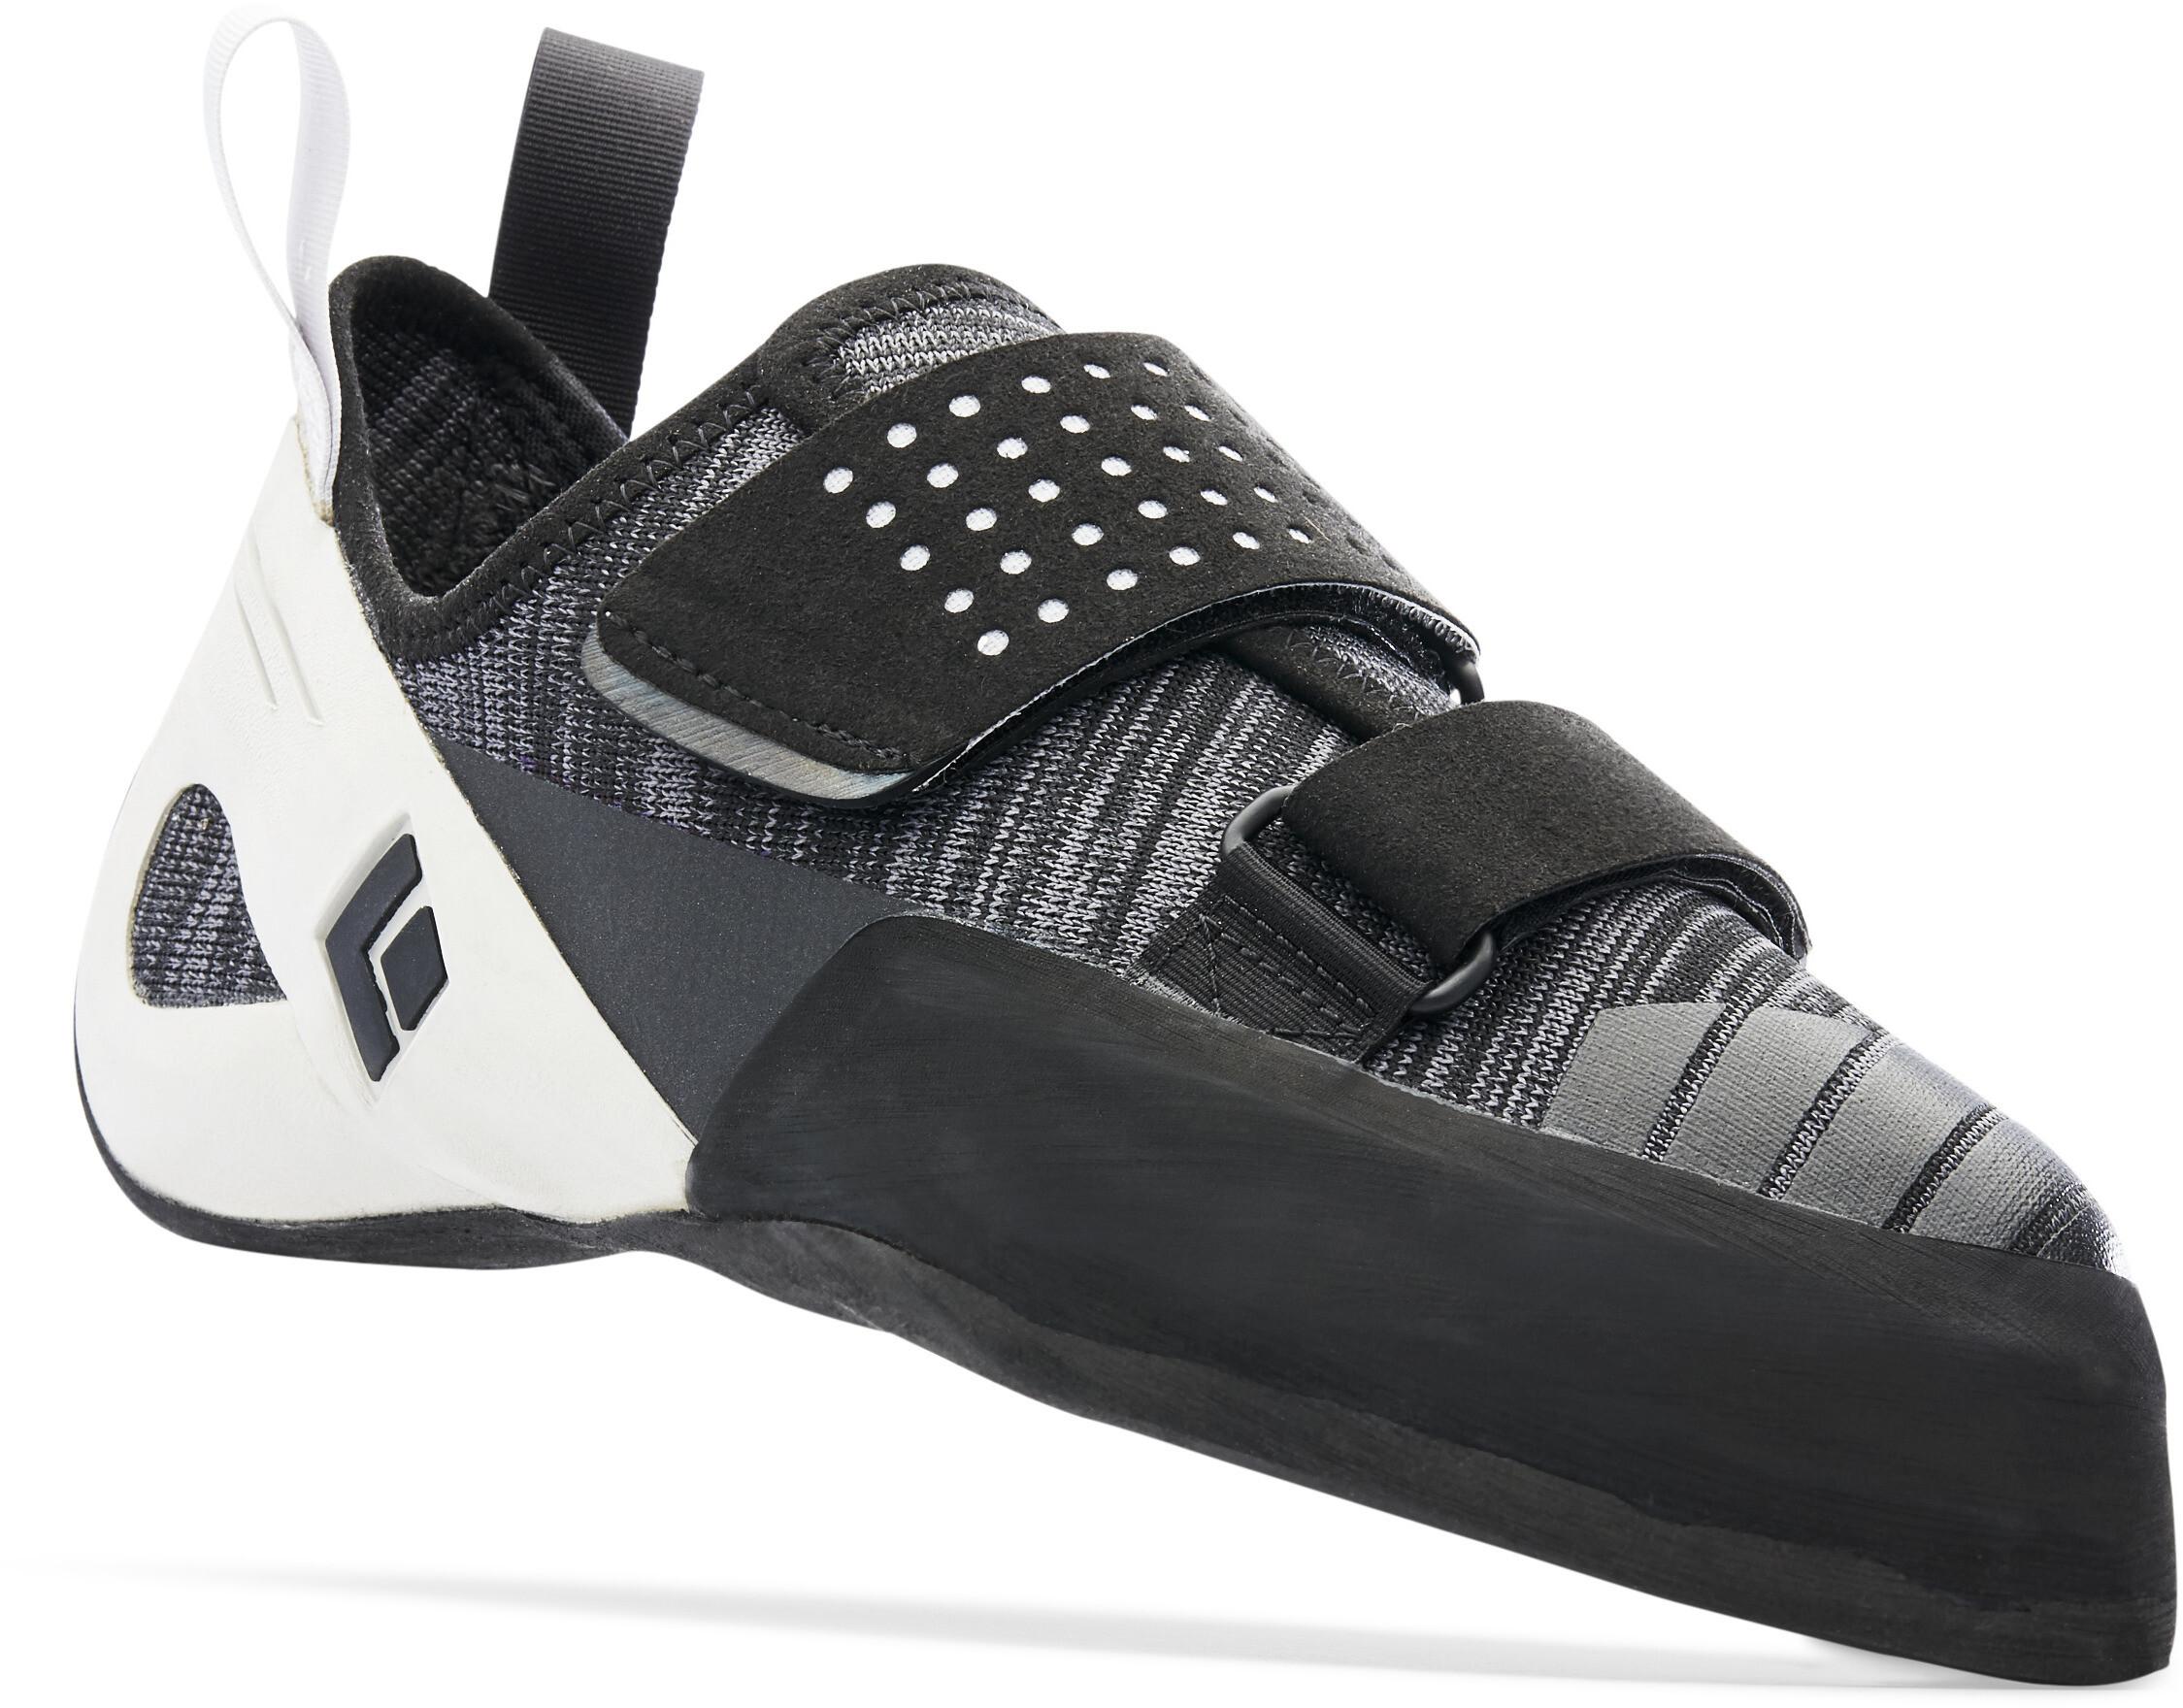 Black Diamond Aspect Klettergurt Test : Black diamond zone climbing shoes unisex aluminum campz.de